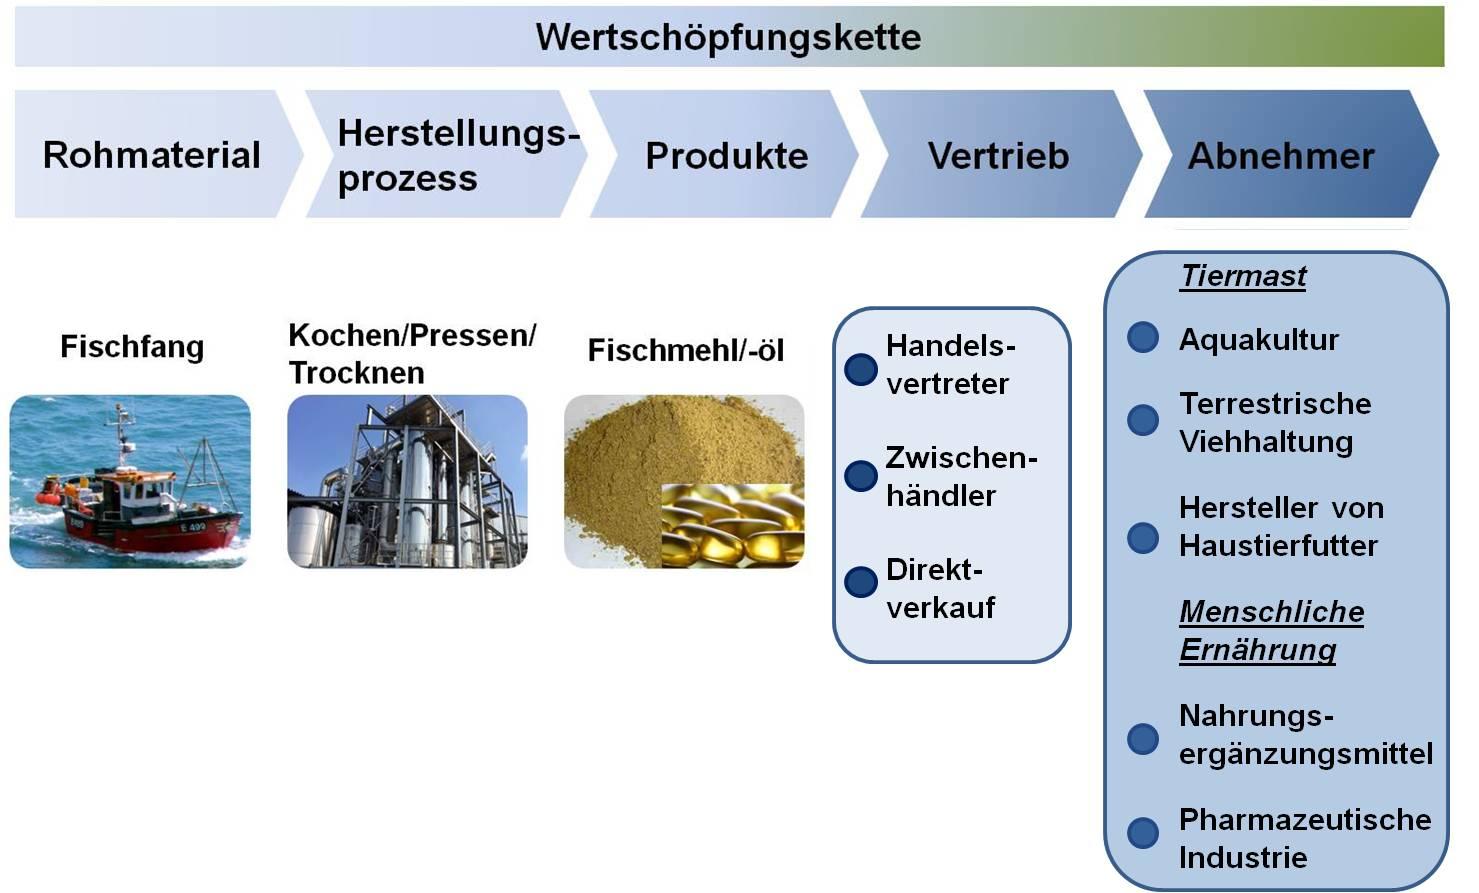 Werschöpfungskette Fischmehl